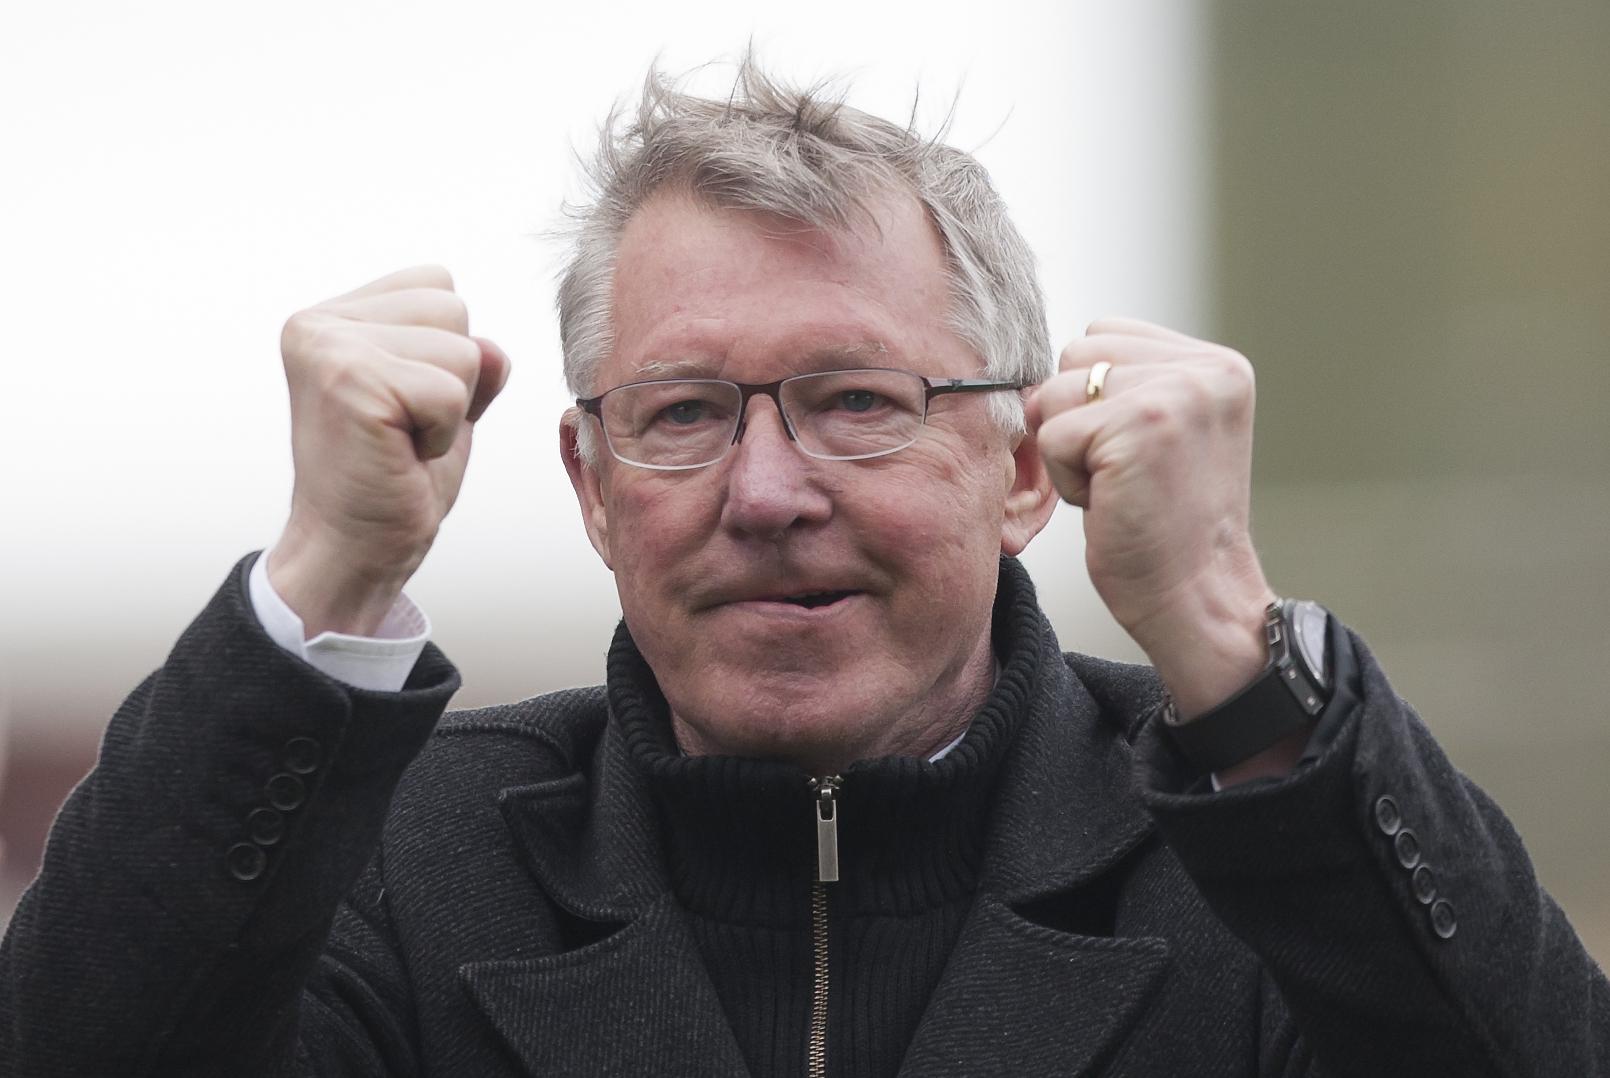 Алекс Фергюсон в четвертый раз стал лучшим тренером Англии